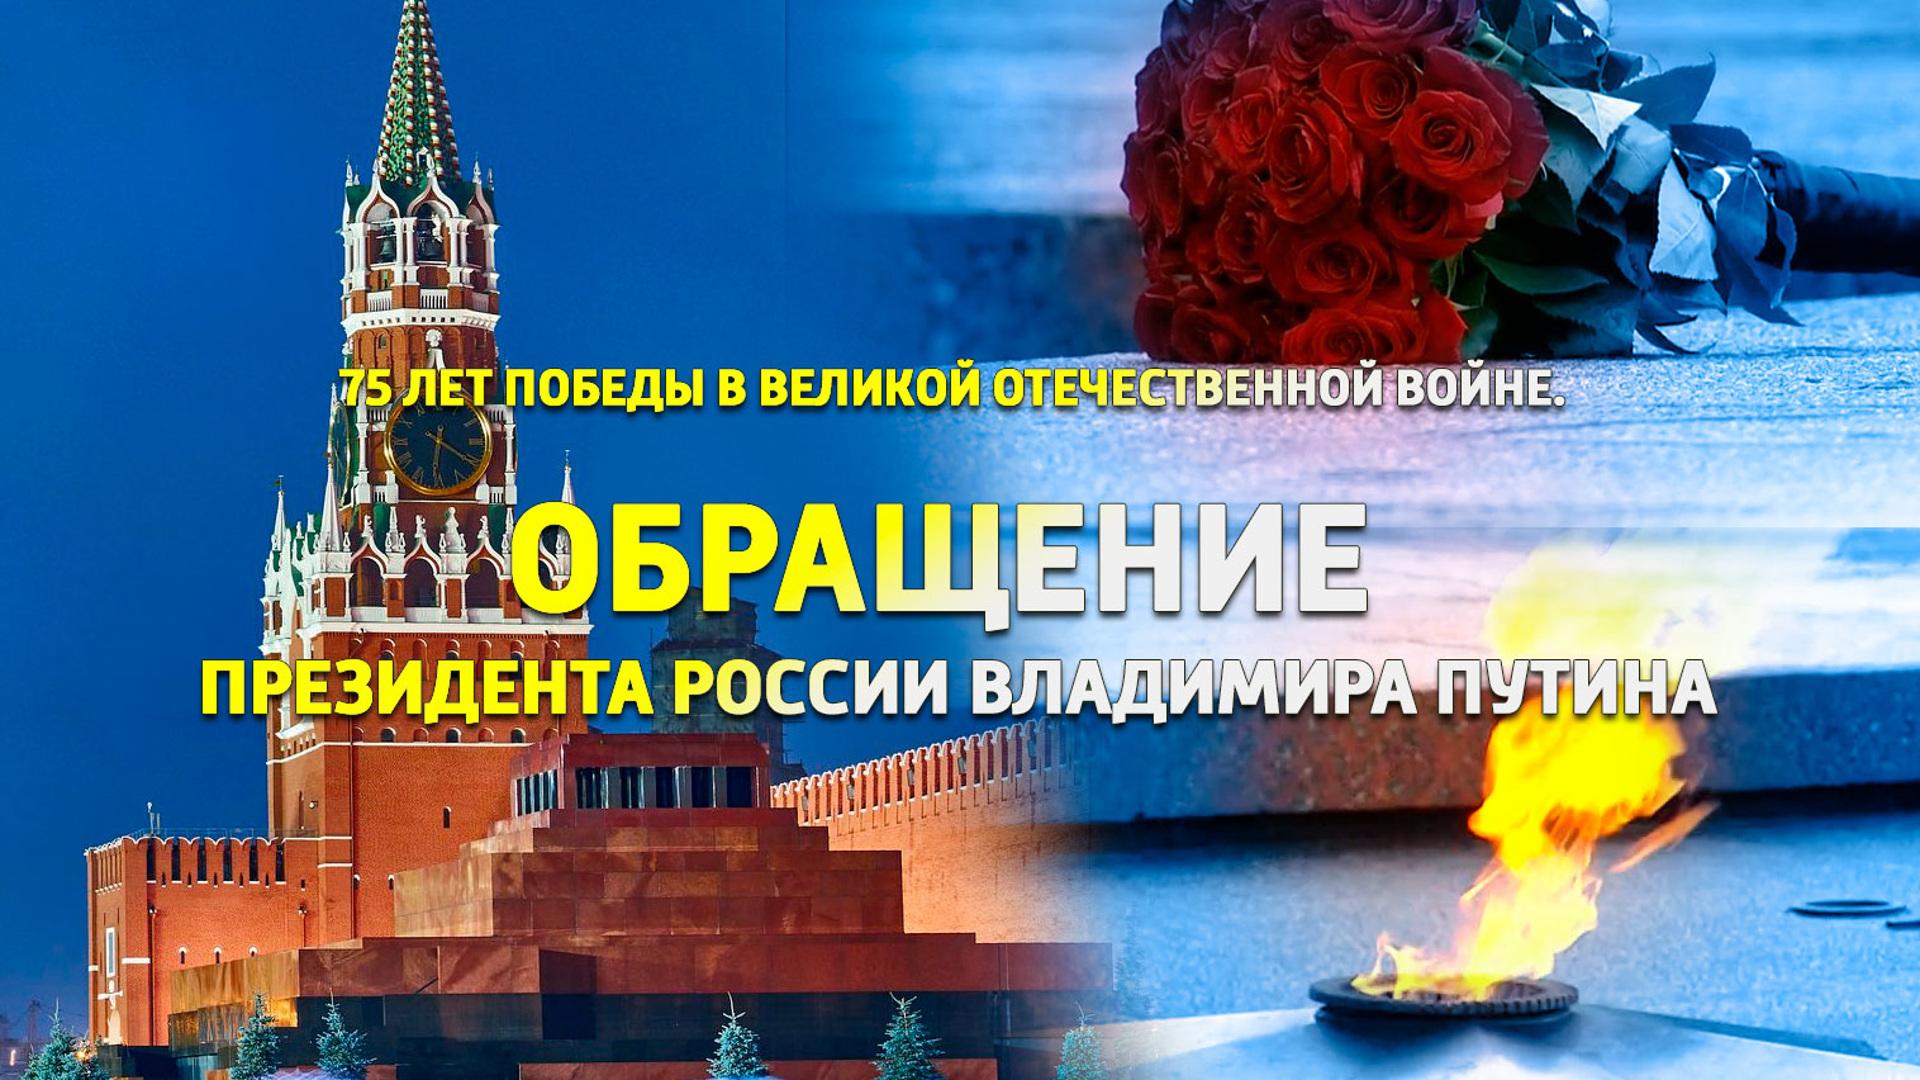 75 лет Победы в Великой Отечественной войне. Обращение Президента России Владимира Путина